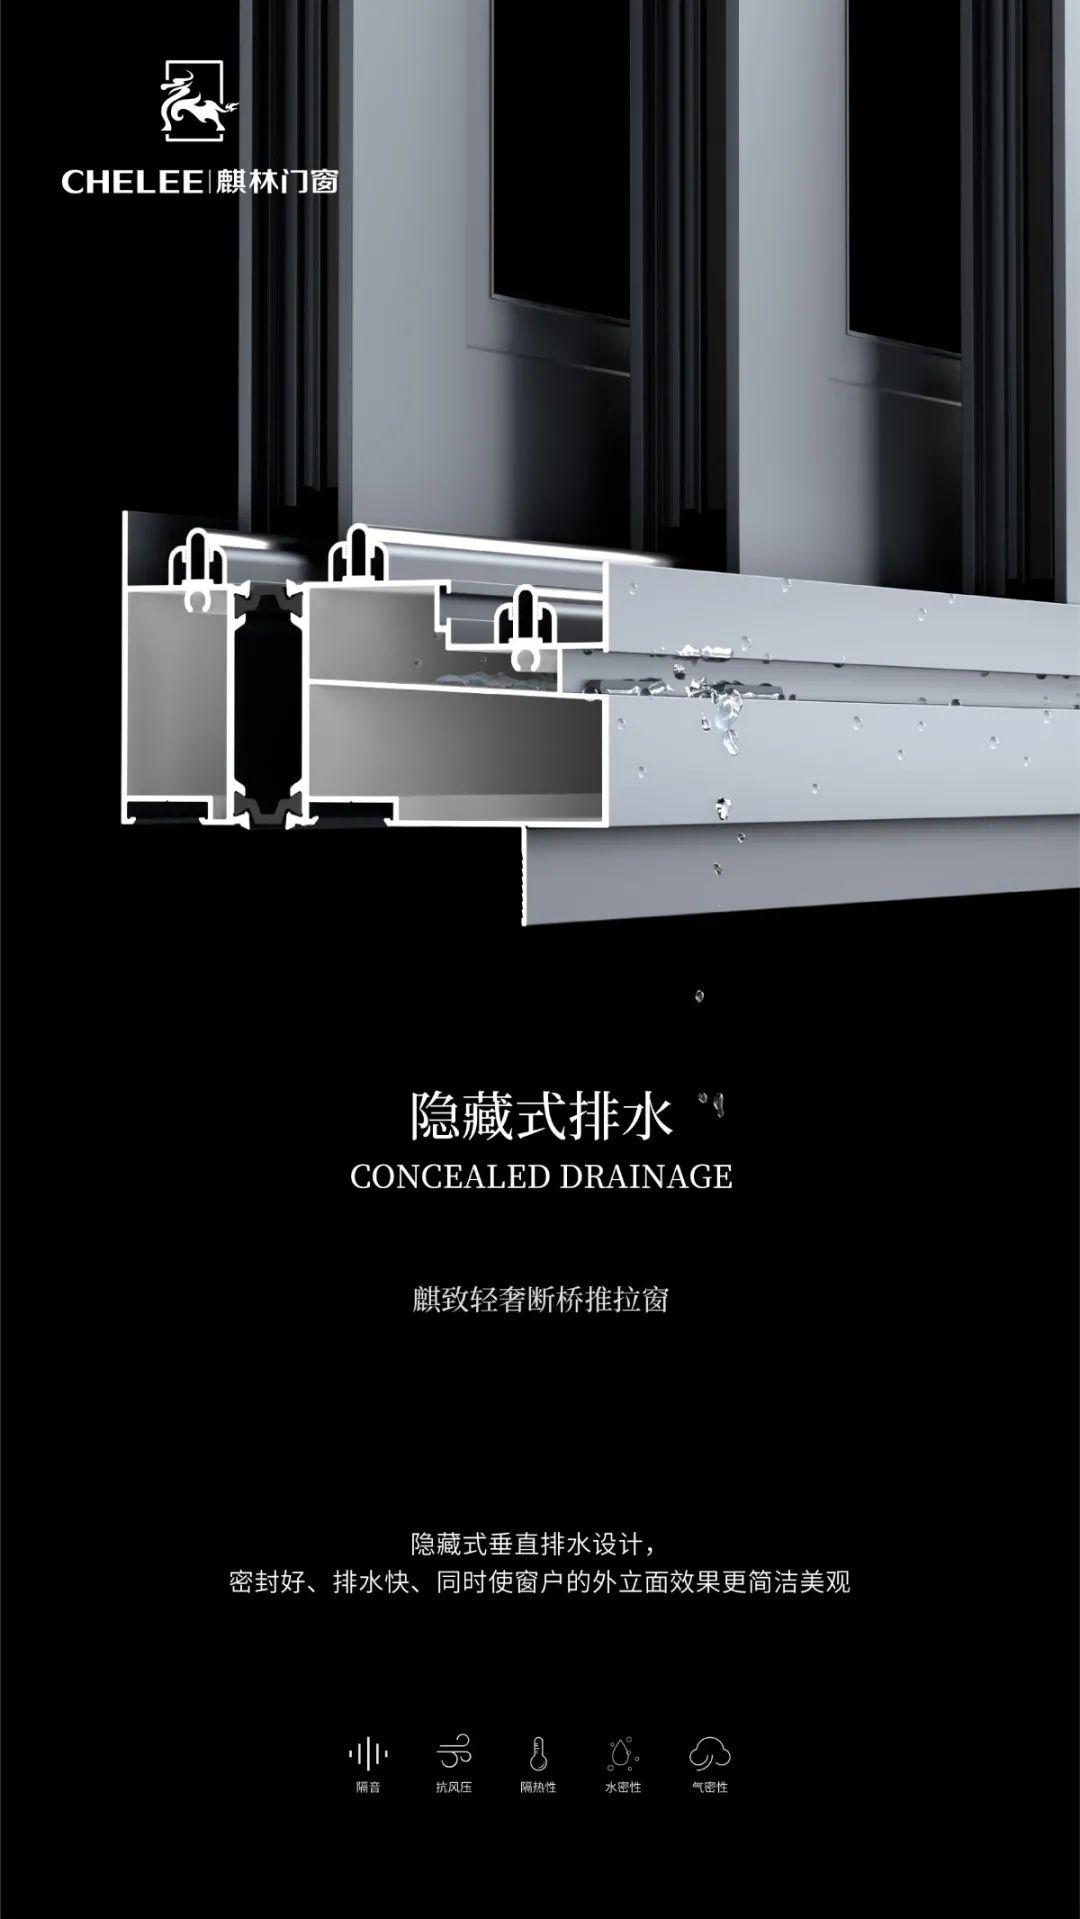 麒林门窗新品·麒致轻奢断桥推拉窗系列——理性品味,精致生活